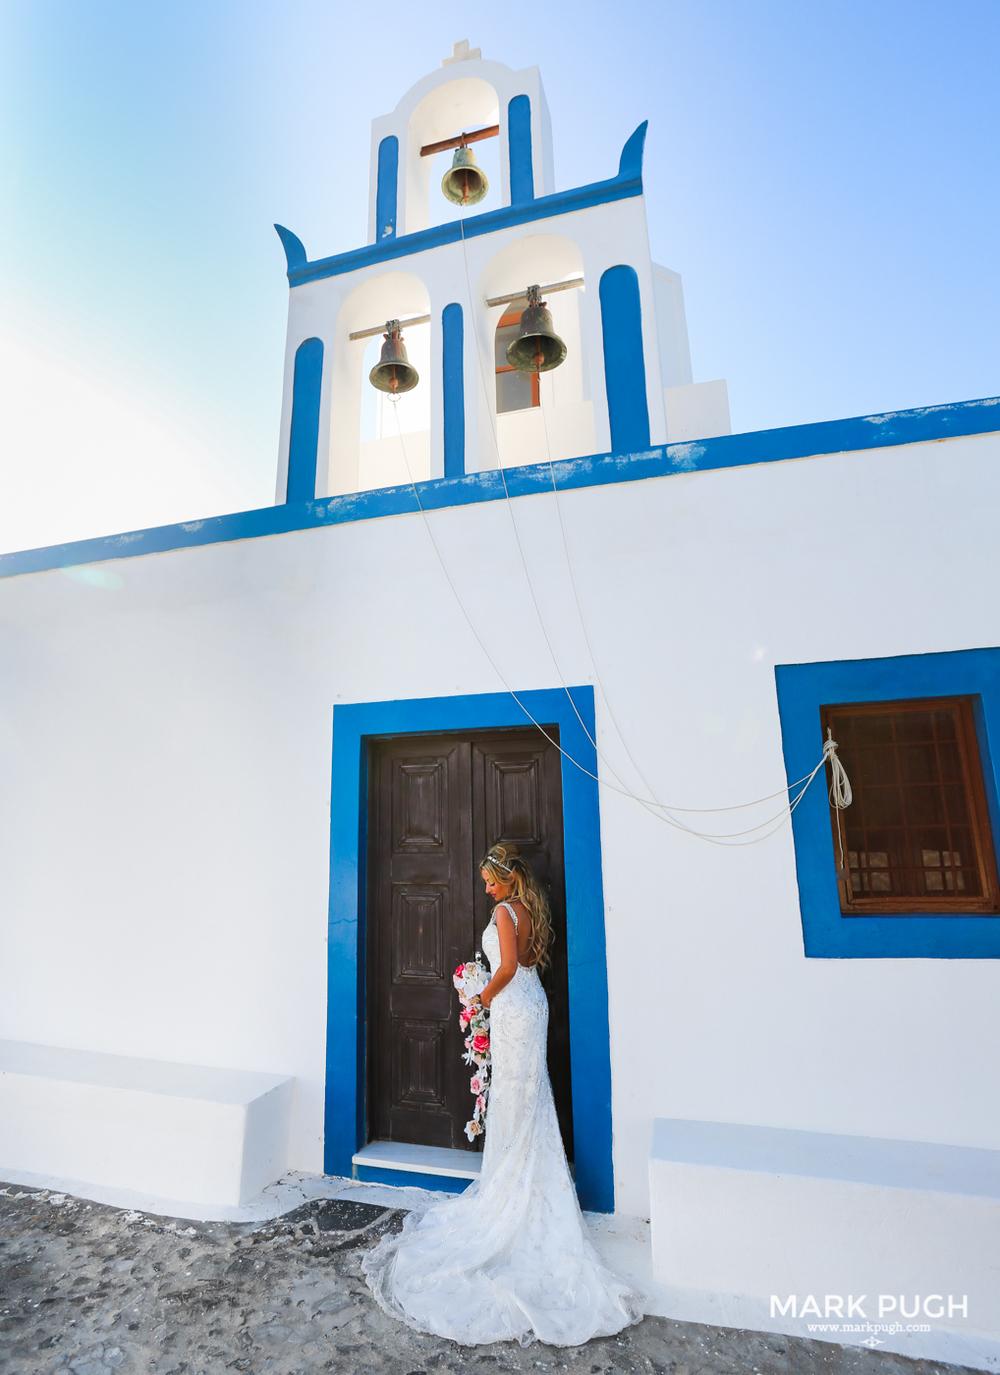 031 - Kerry and Lee - Destination Wedding in Santorini by www.markpugh.com -0810.JPG